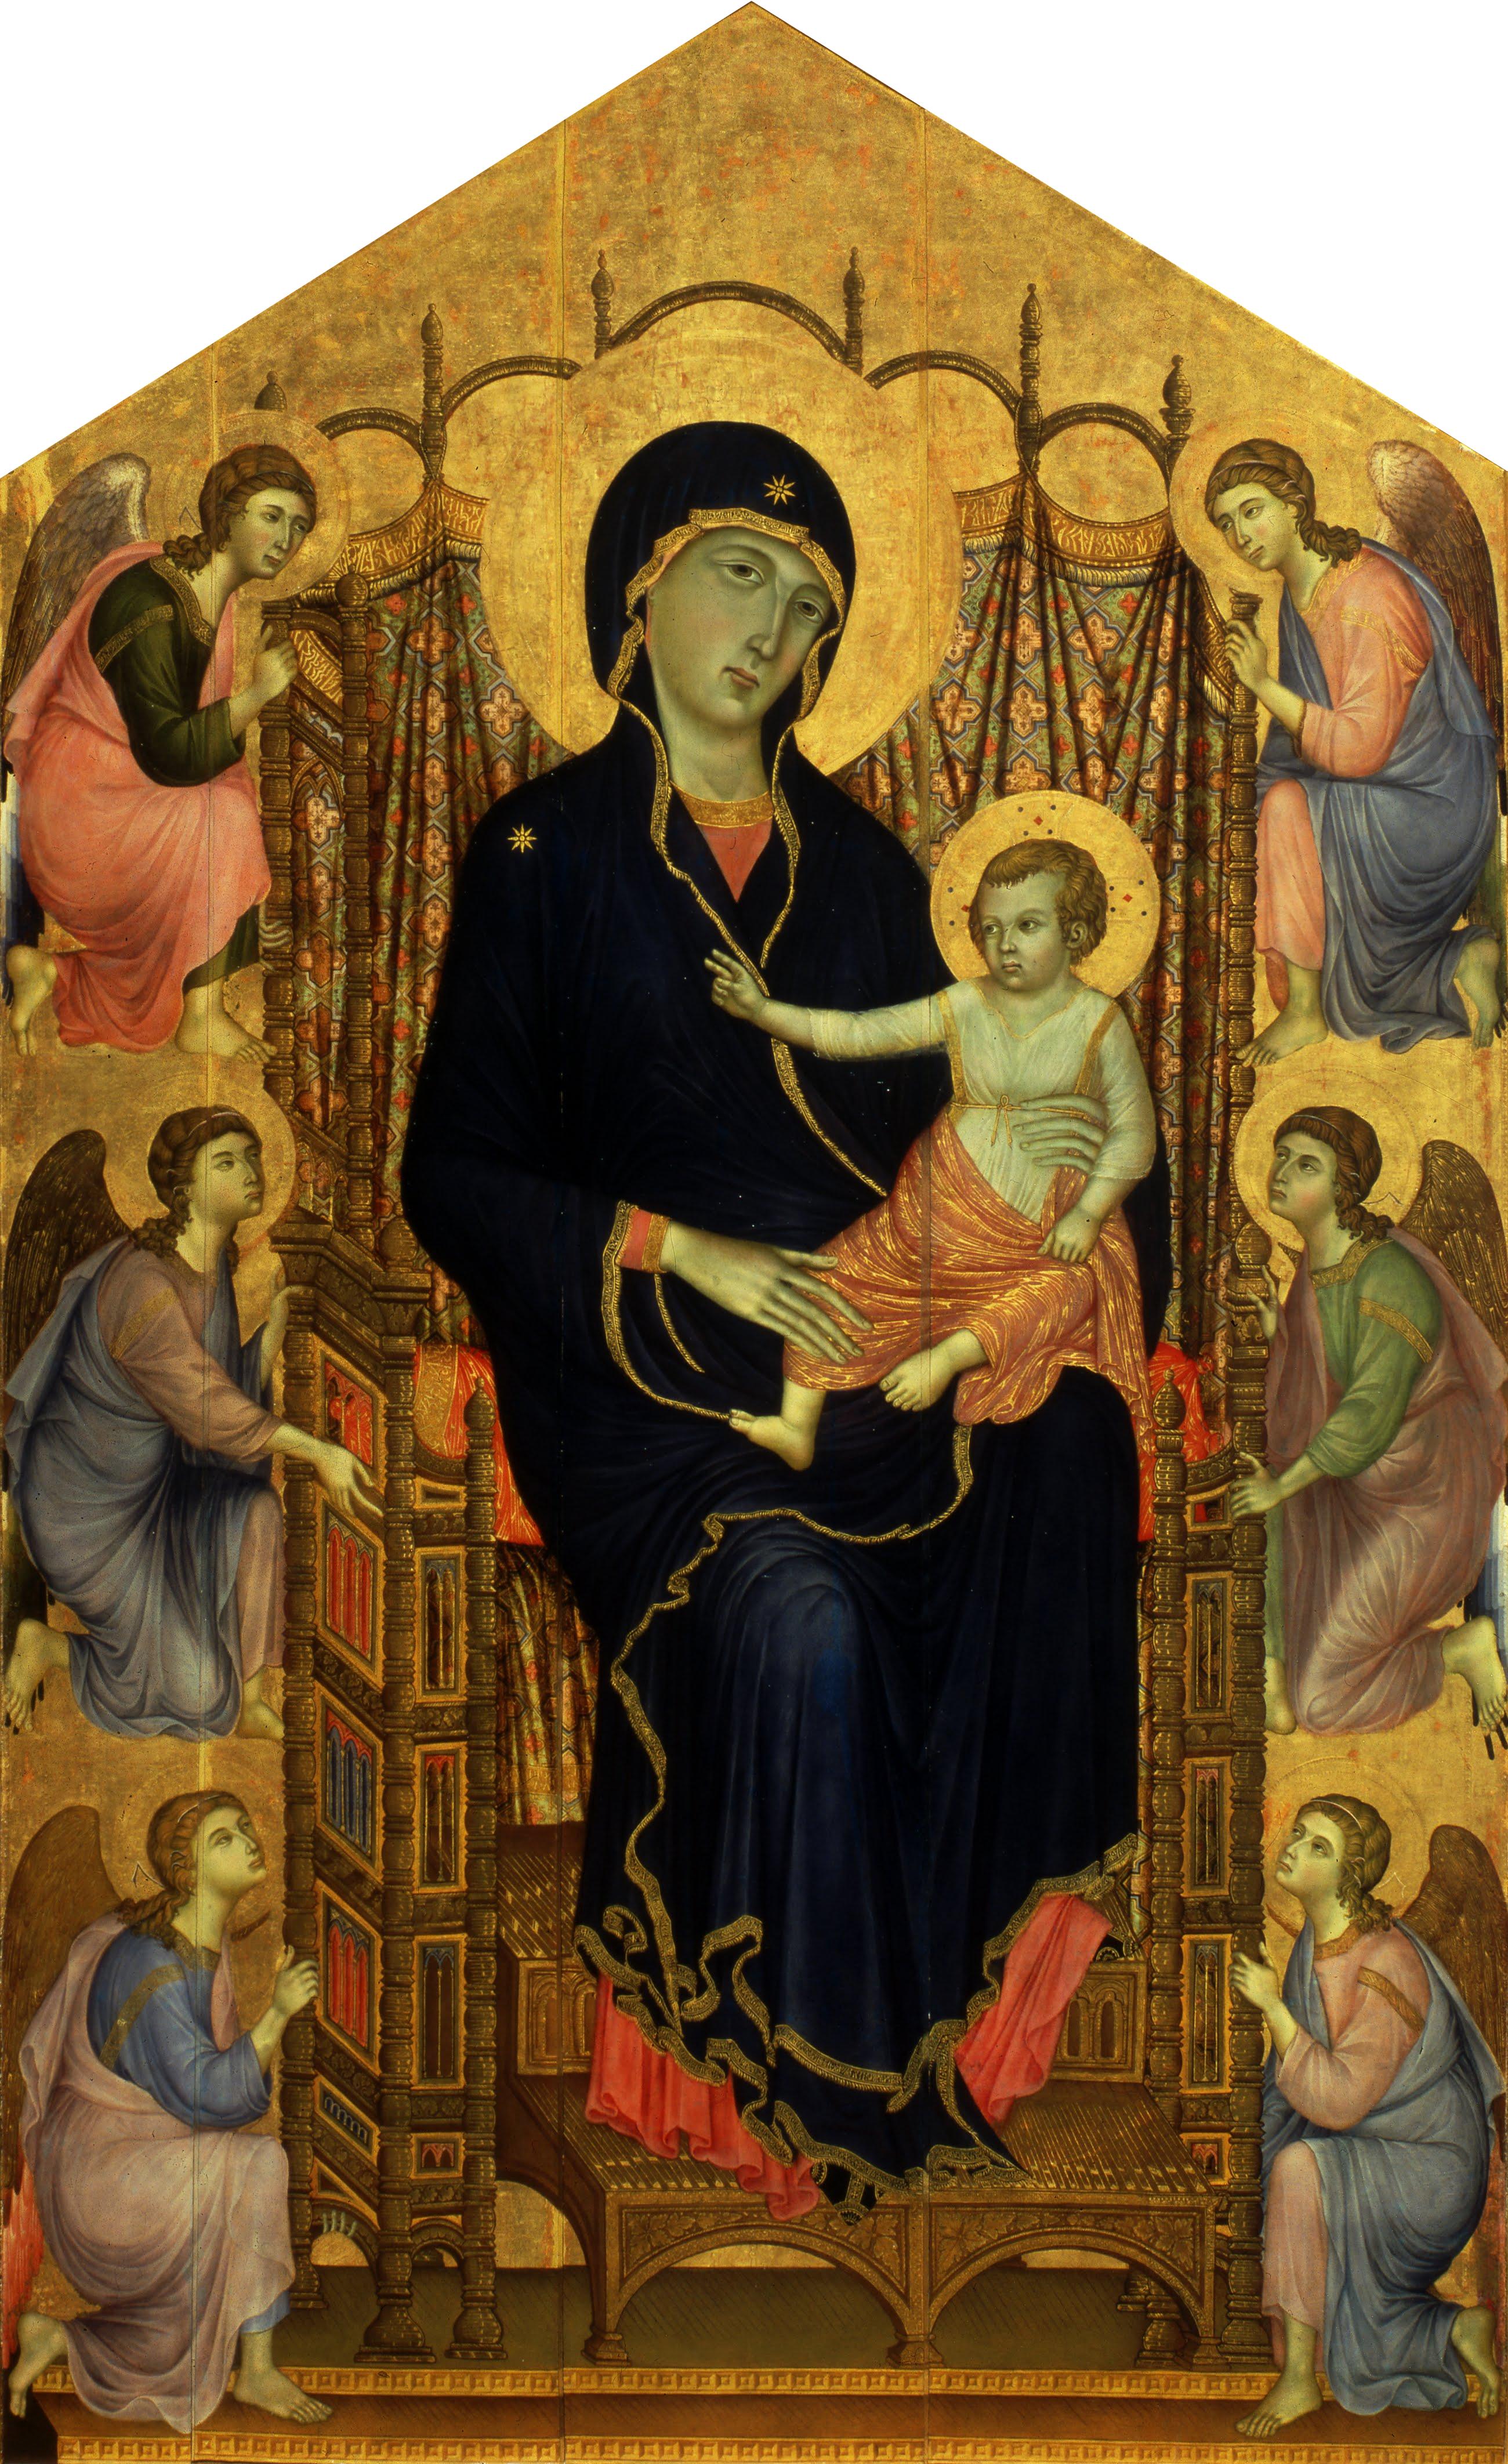 Duccio di Buoninsegna: Rucellai Madonna